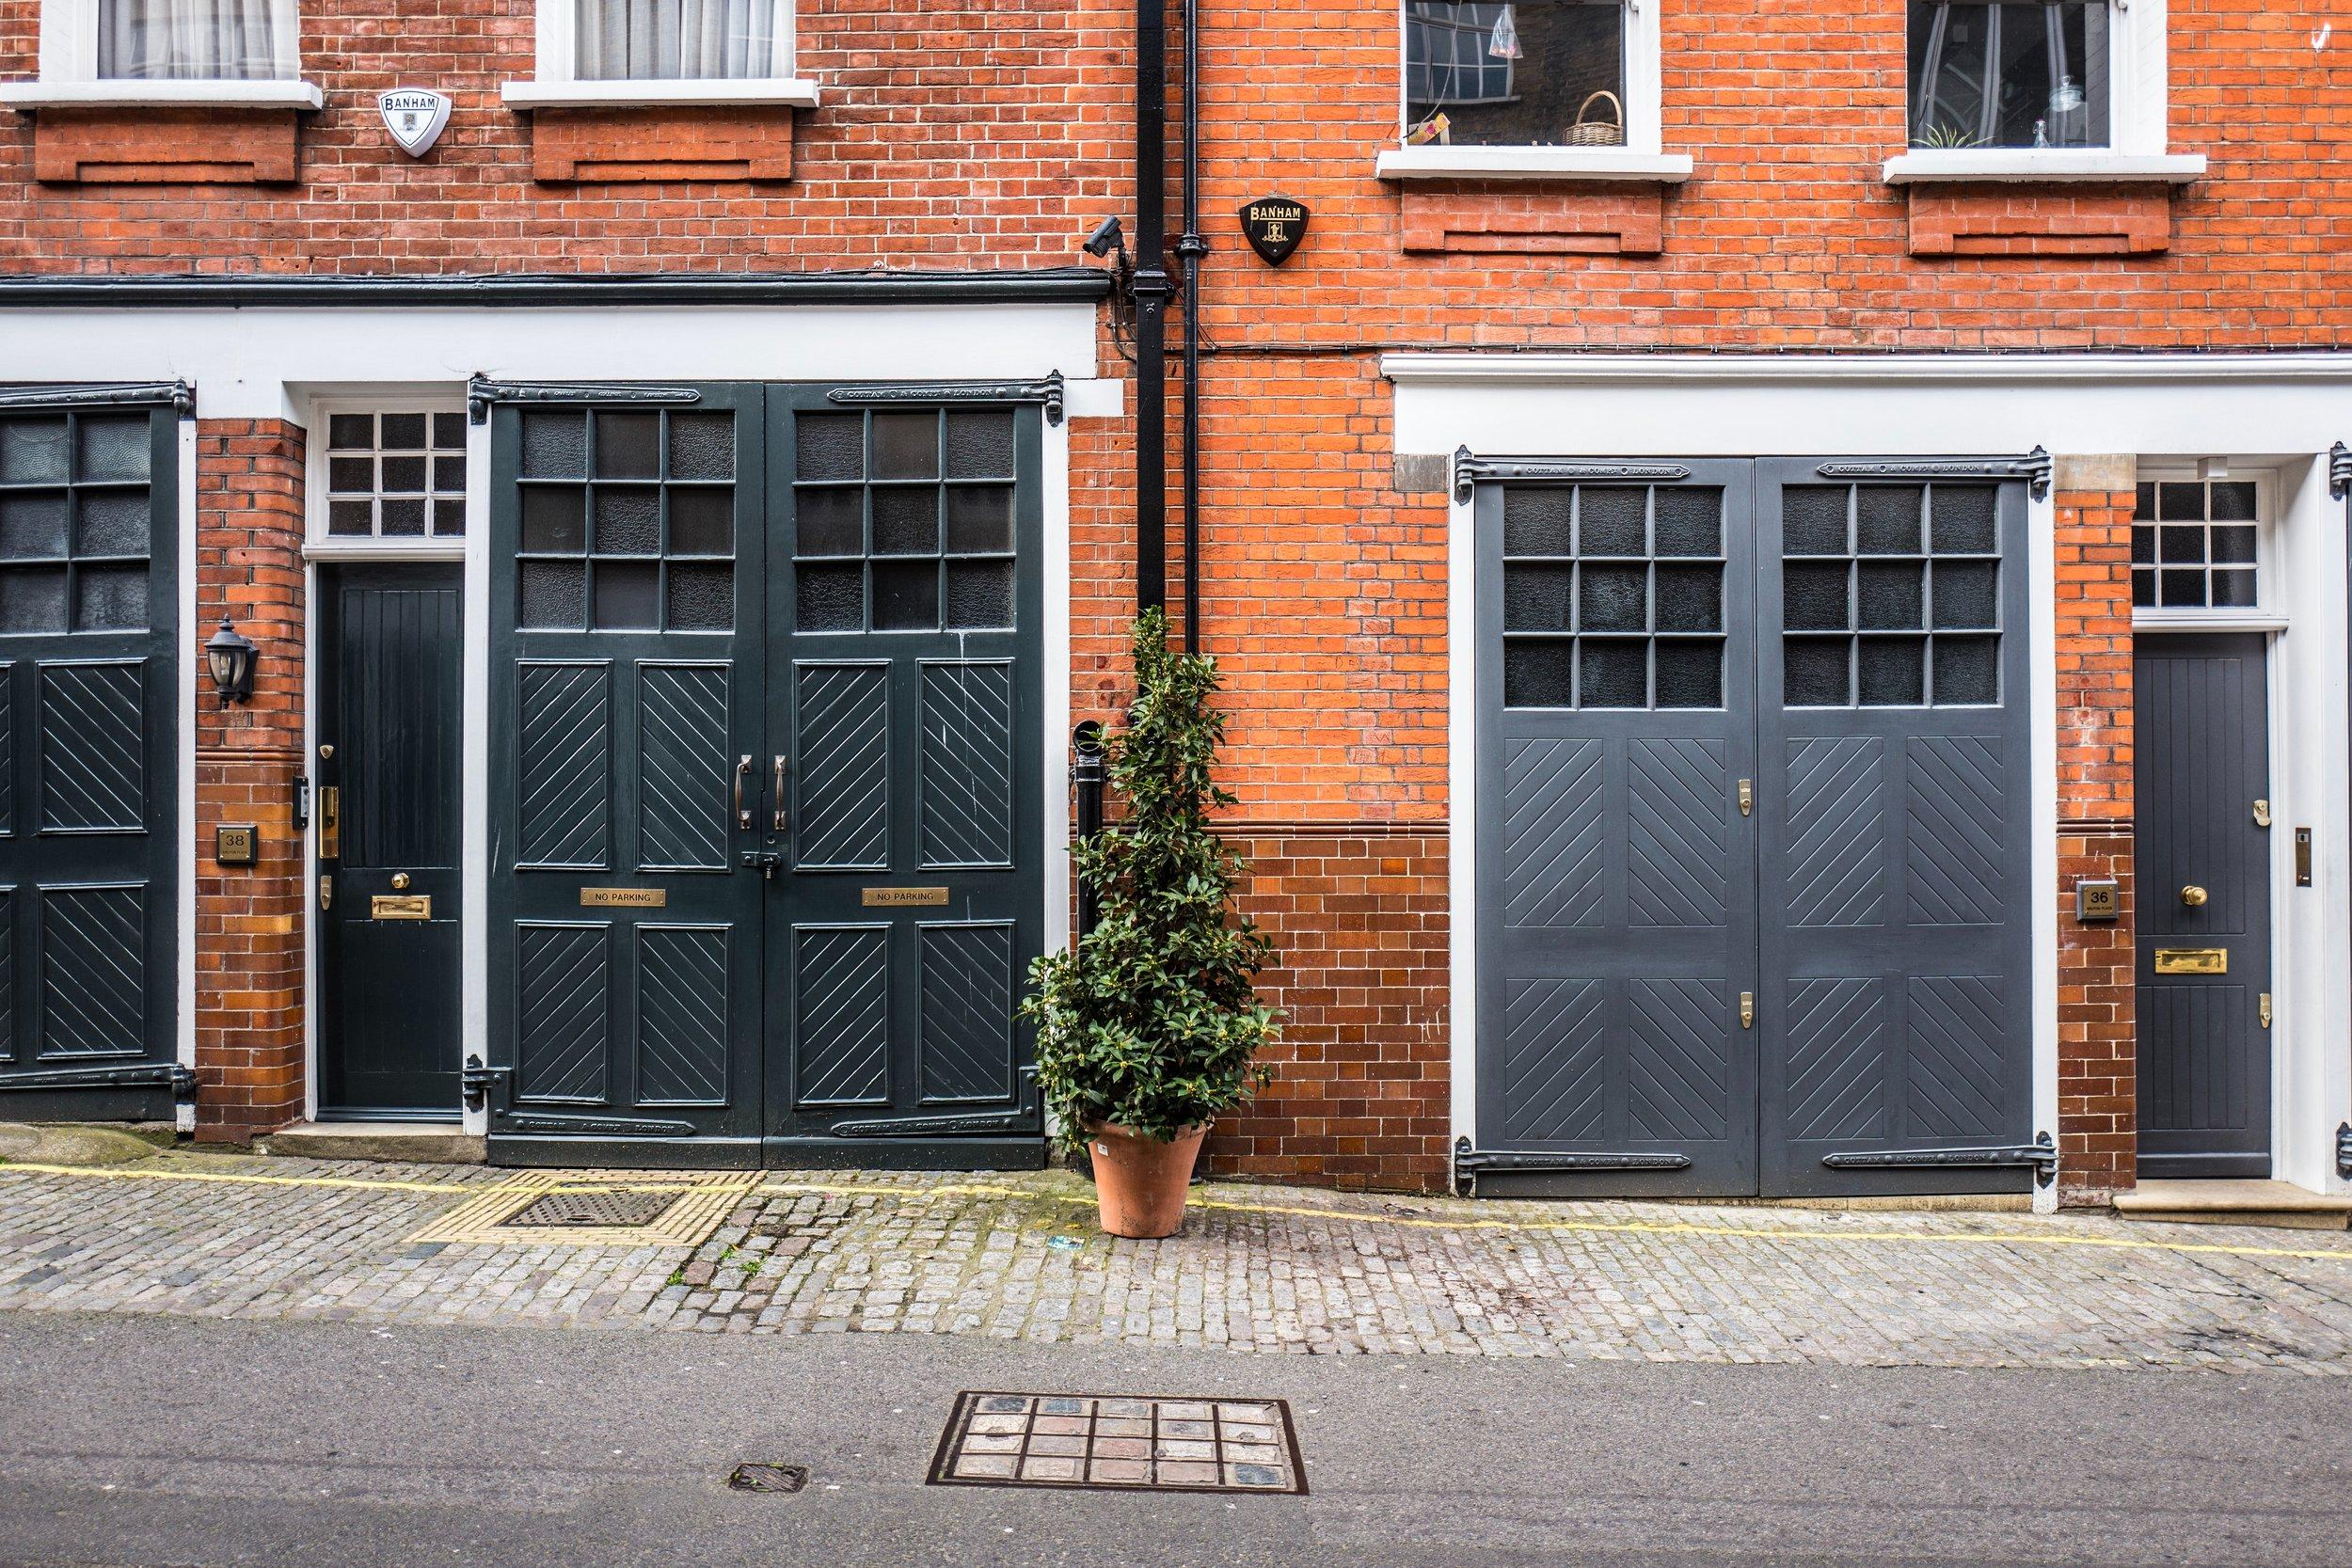 brick-door-facade-1098666.jpg